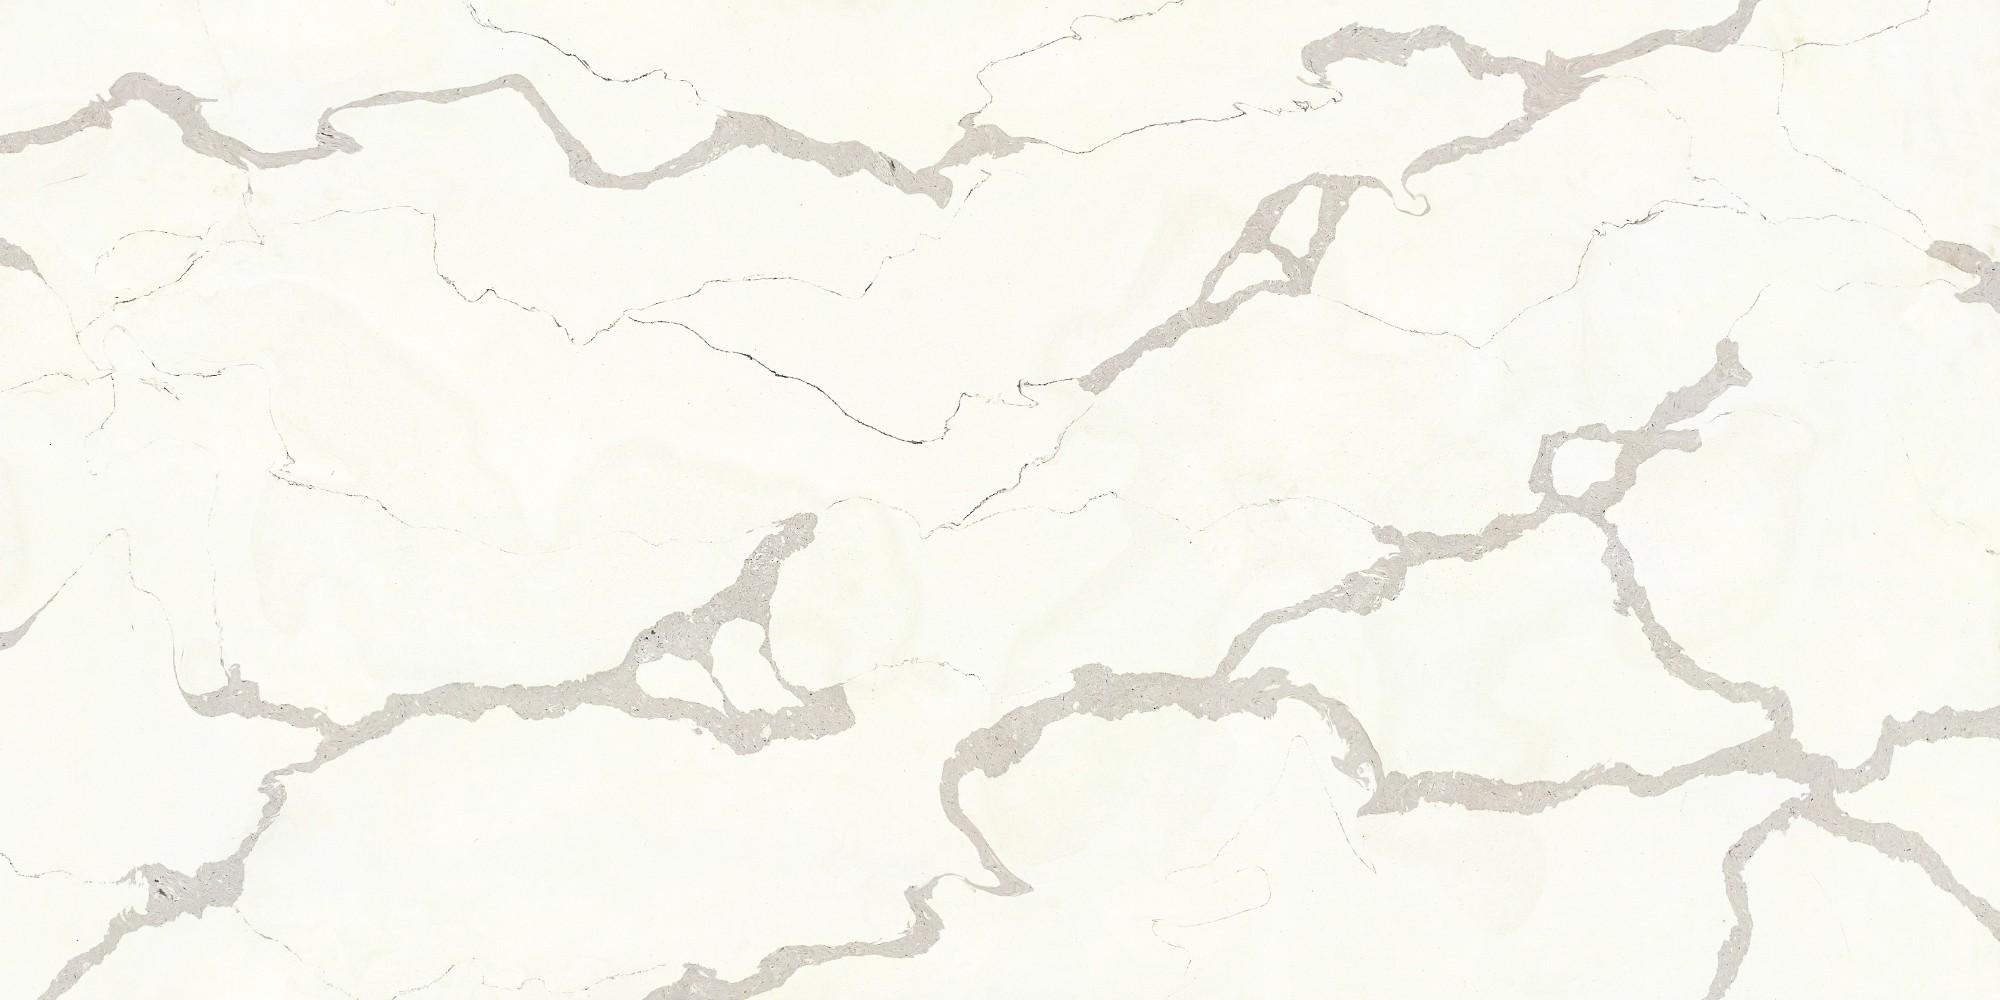 شراء حجر الكوارتز الاصطناعي غير العضوي لخلفية الجدار ,حجر الكوارتز الاصطناعي غير العضوي لخلفية الجدار الأسعار ·حجر الكوارتز الاصطناعي غير العضوي لخلفية الجدار العلامات التجارية ,حجر الكوارتز الاصطناعي غير العضوي لخلفية الجدار الصانع ,حجر الكوارتز الاصطناعي غير العضوي لخلفية الجدار اقتباس ·حجر الكوارتز الاصطناعي غير العضوي لخلفية الجدار الشركة